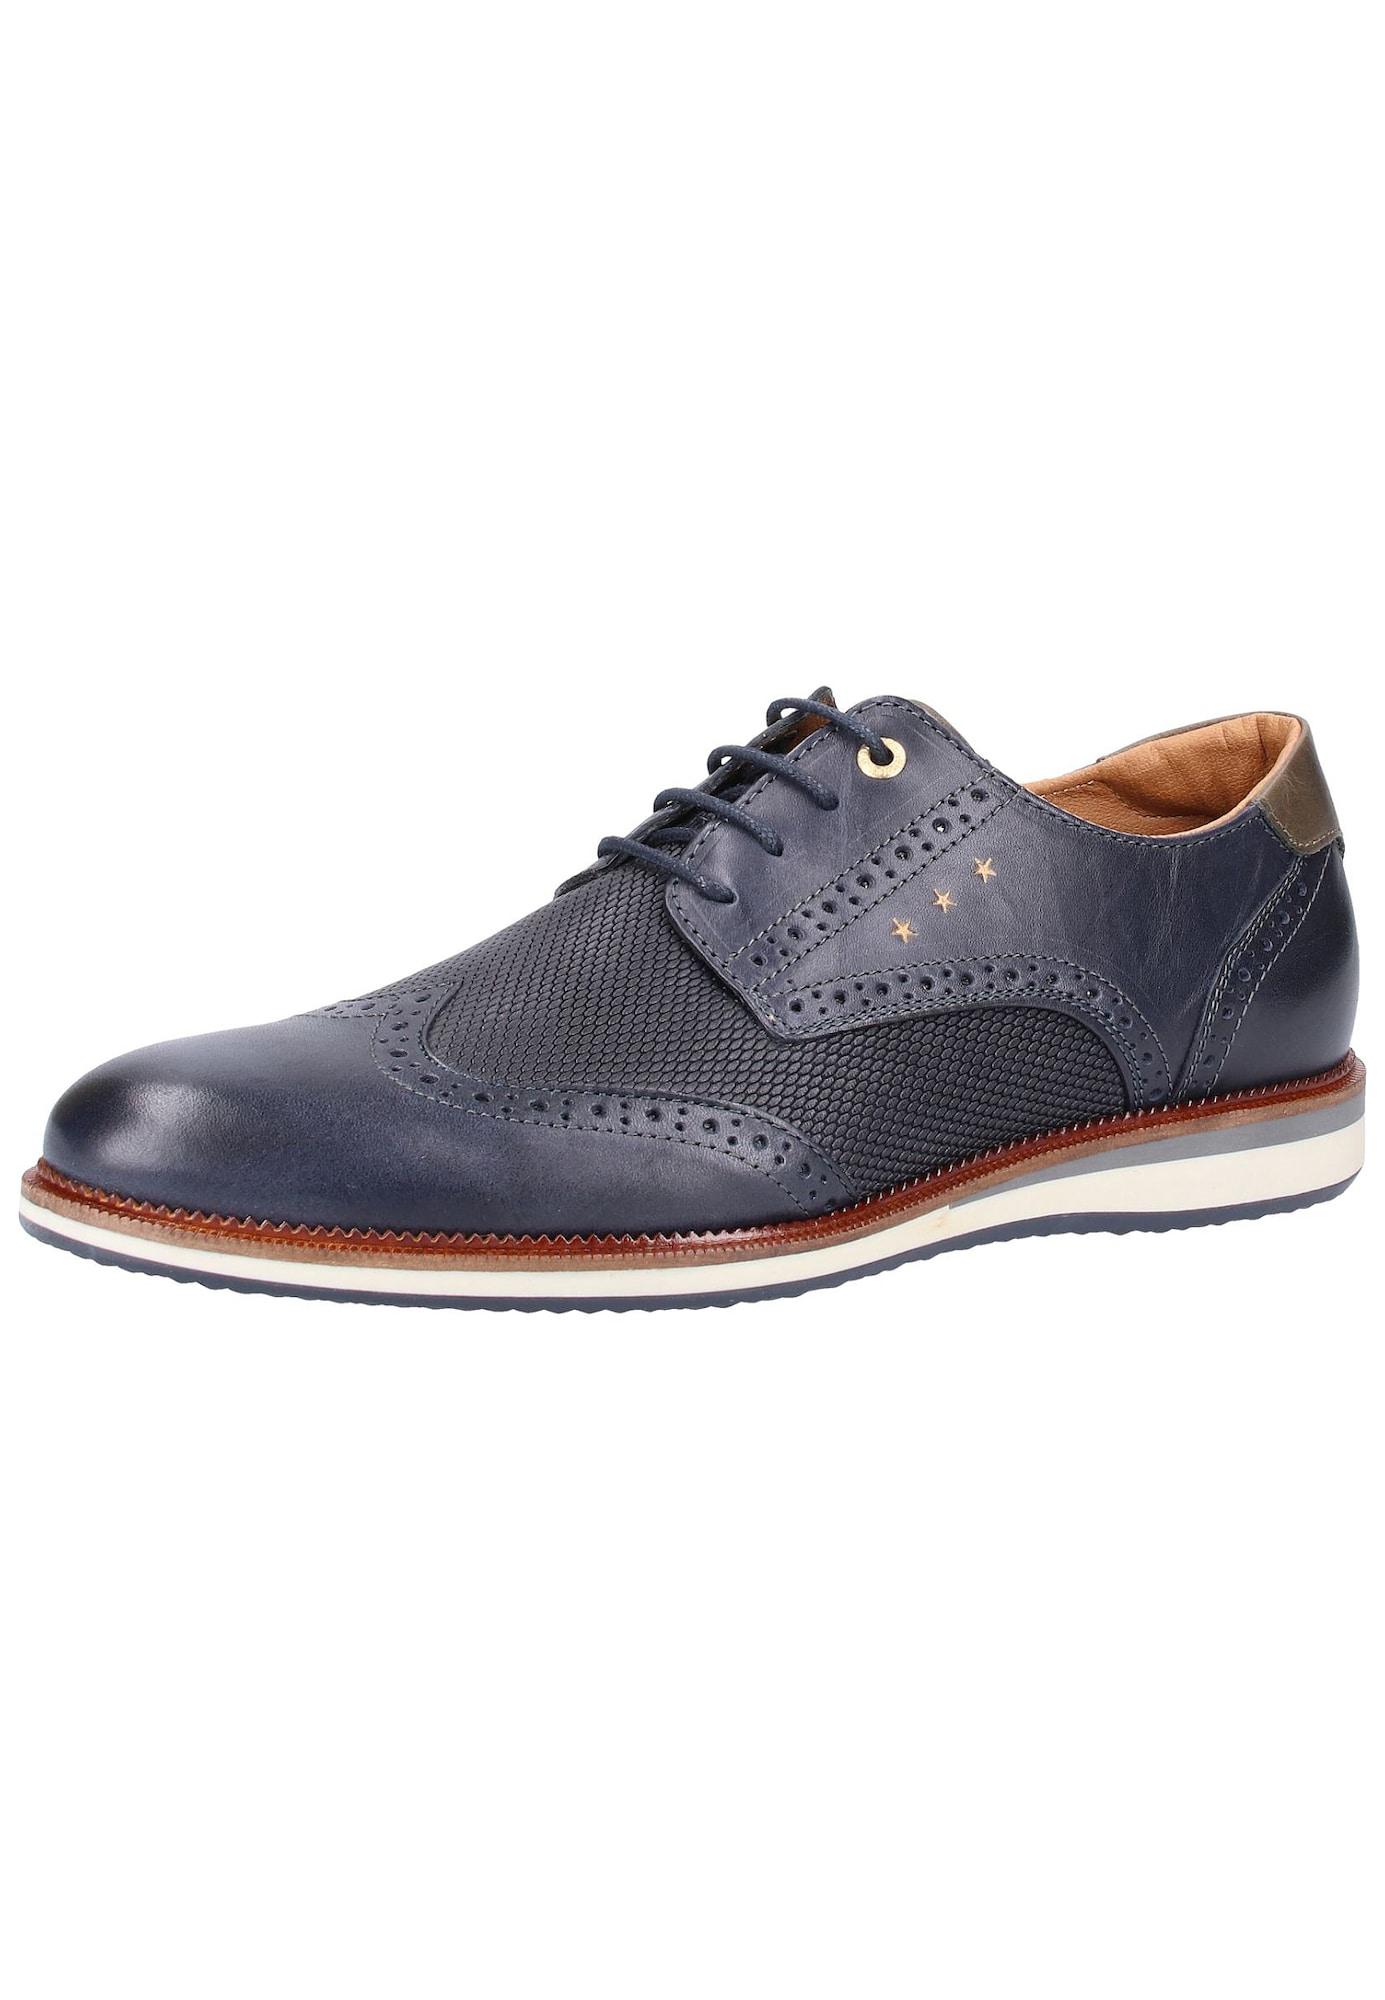 PANTOFOLA DORO Šněrovací boty námořnická modř brokátová offwhite PANTOFOLA D'ORO